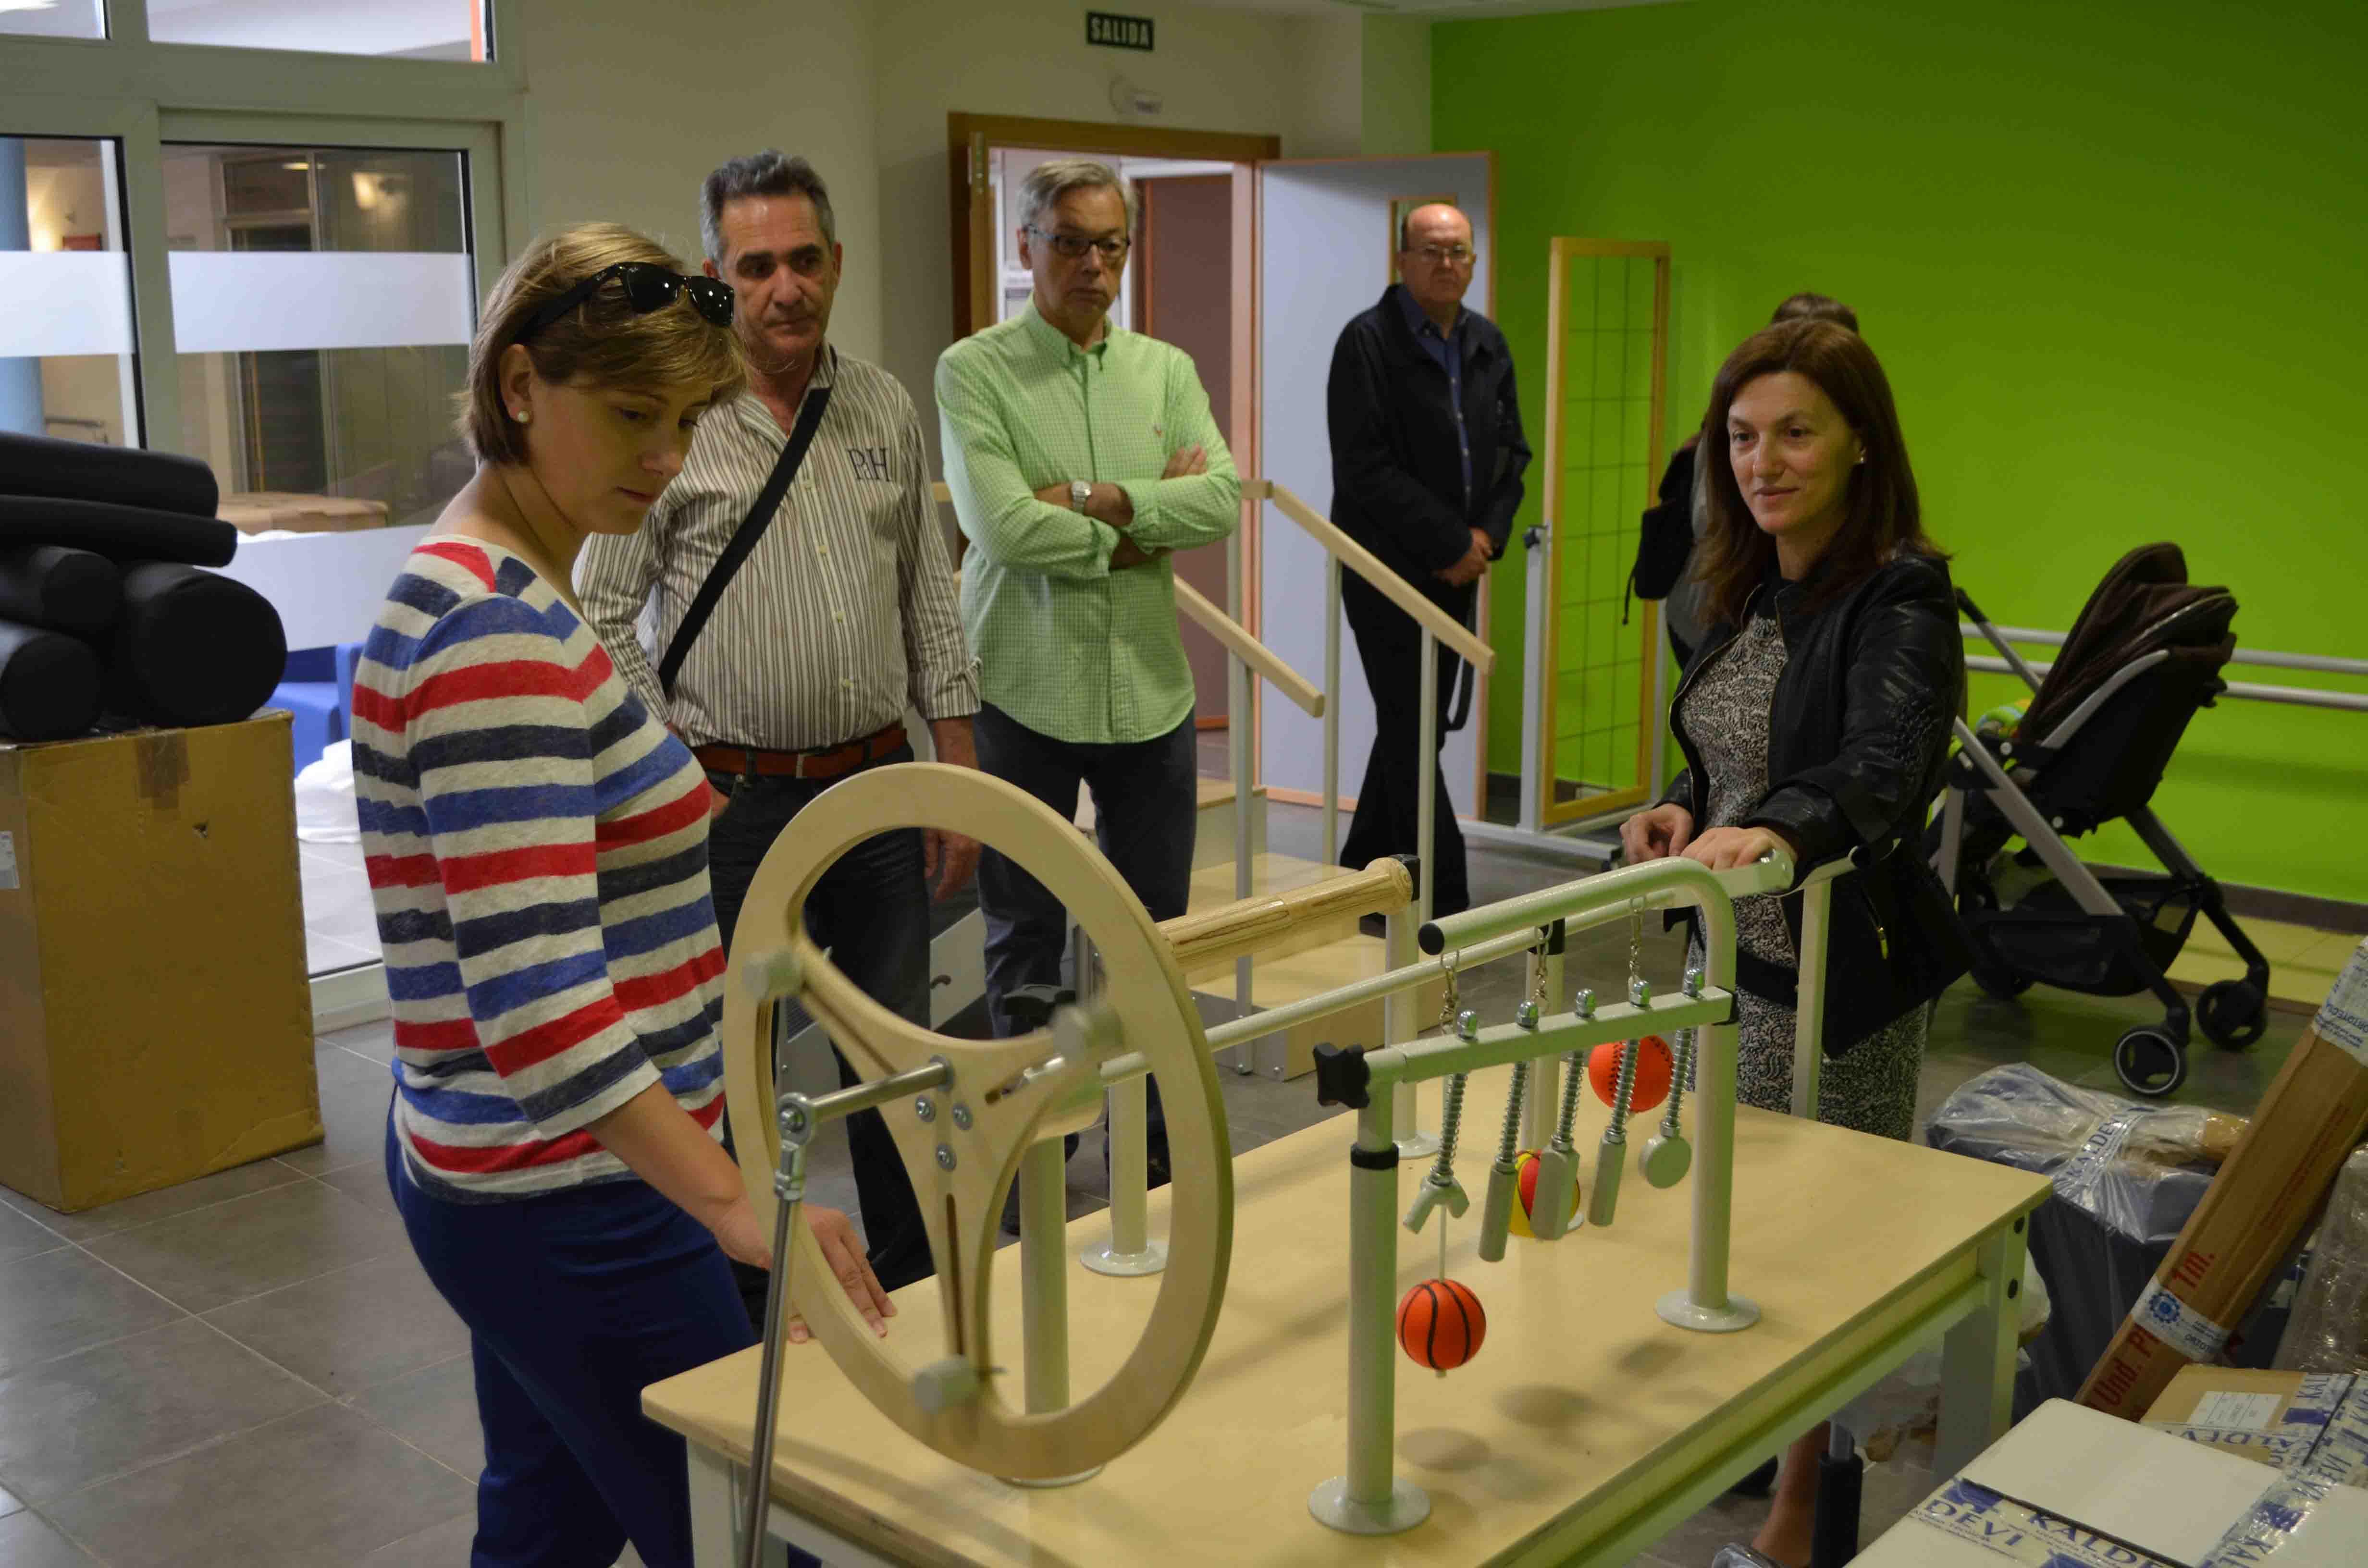 La alcaldesa de Benetússer visita la residencia de mayores que abrirá en junio